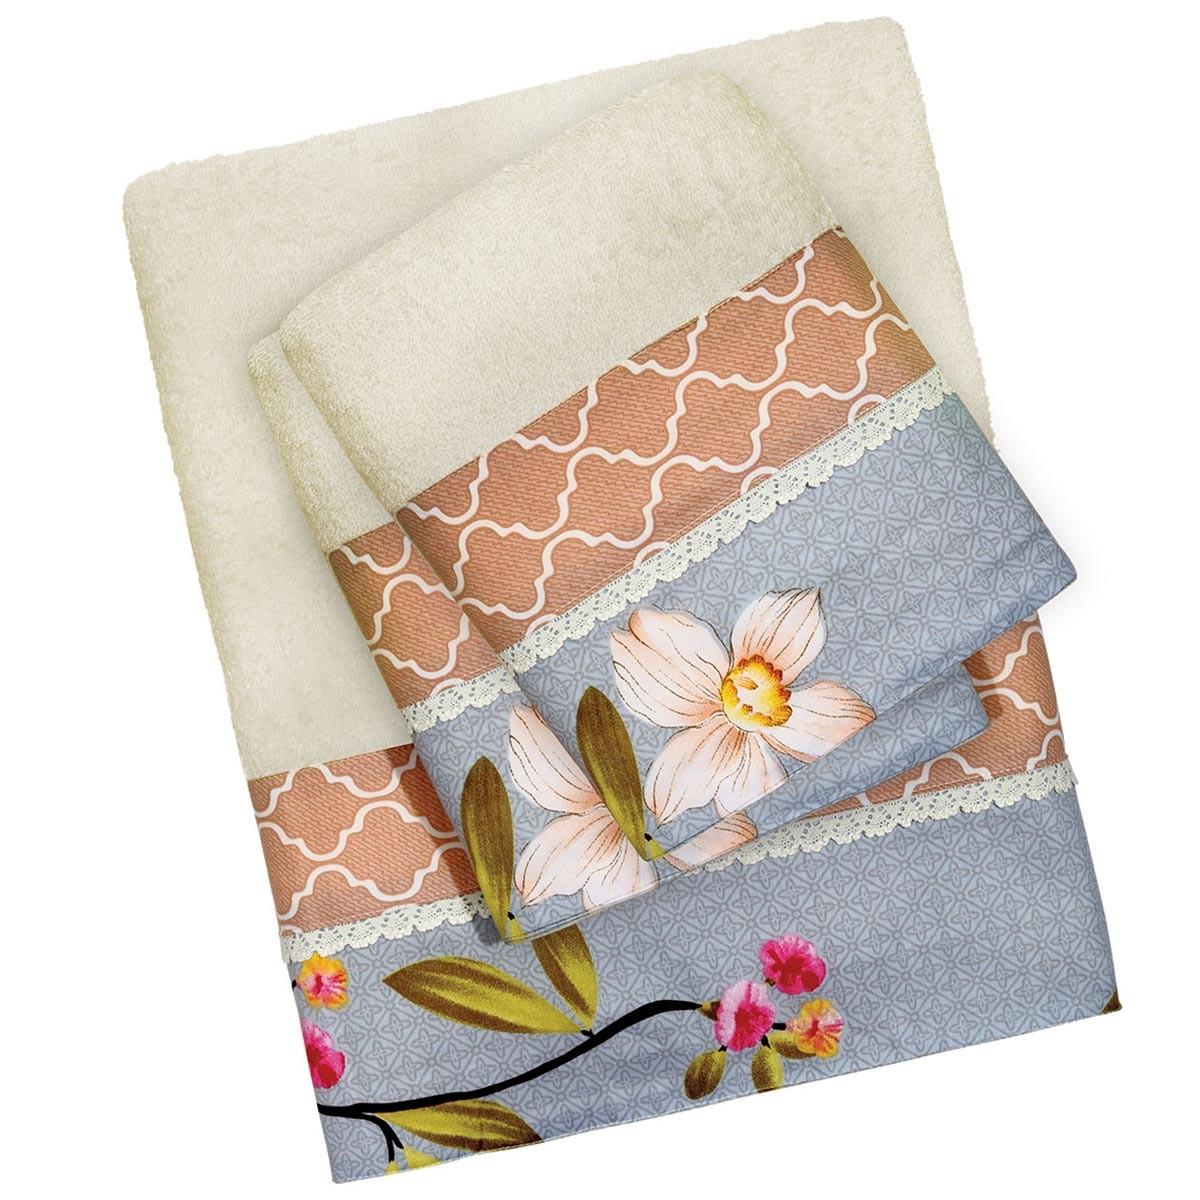 Πετσέτες Μπάνιου (Σετ 3τμχ) Das Home Prestige Line 302 66546